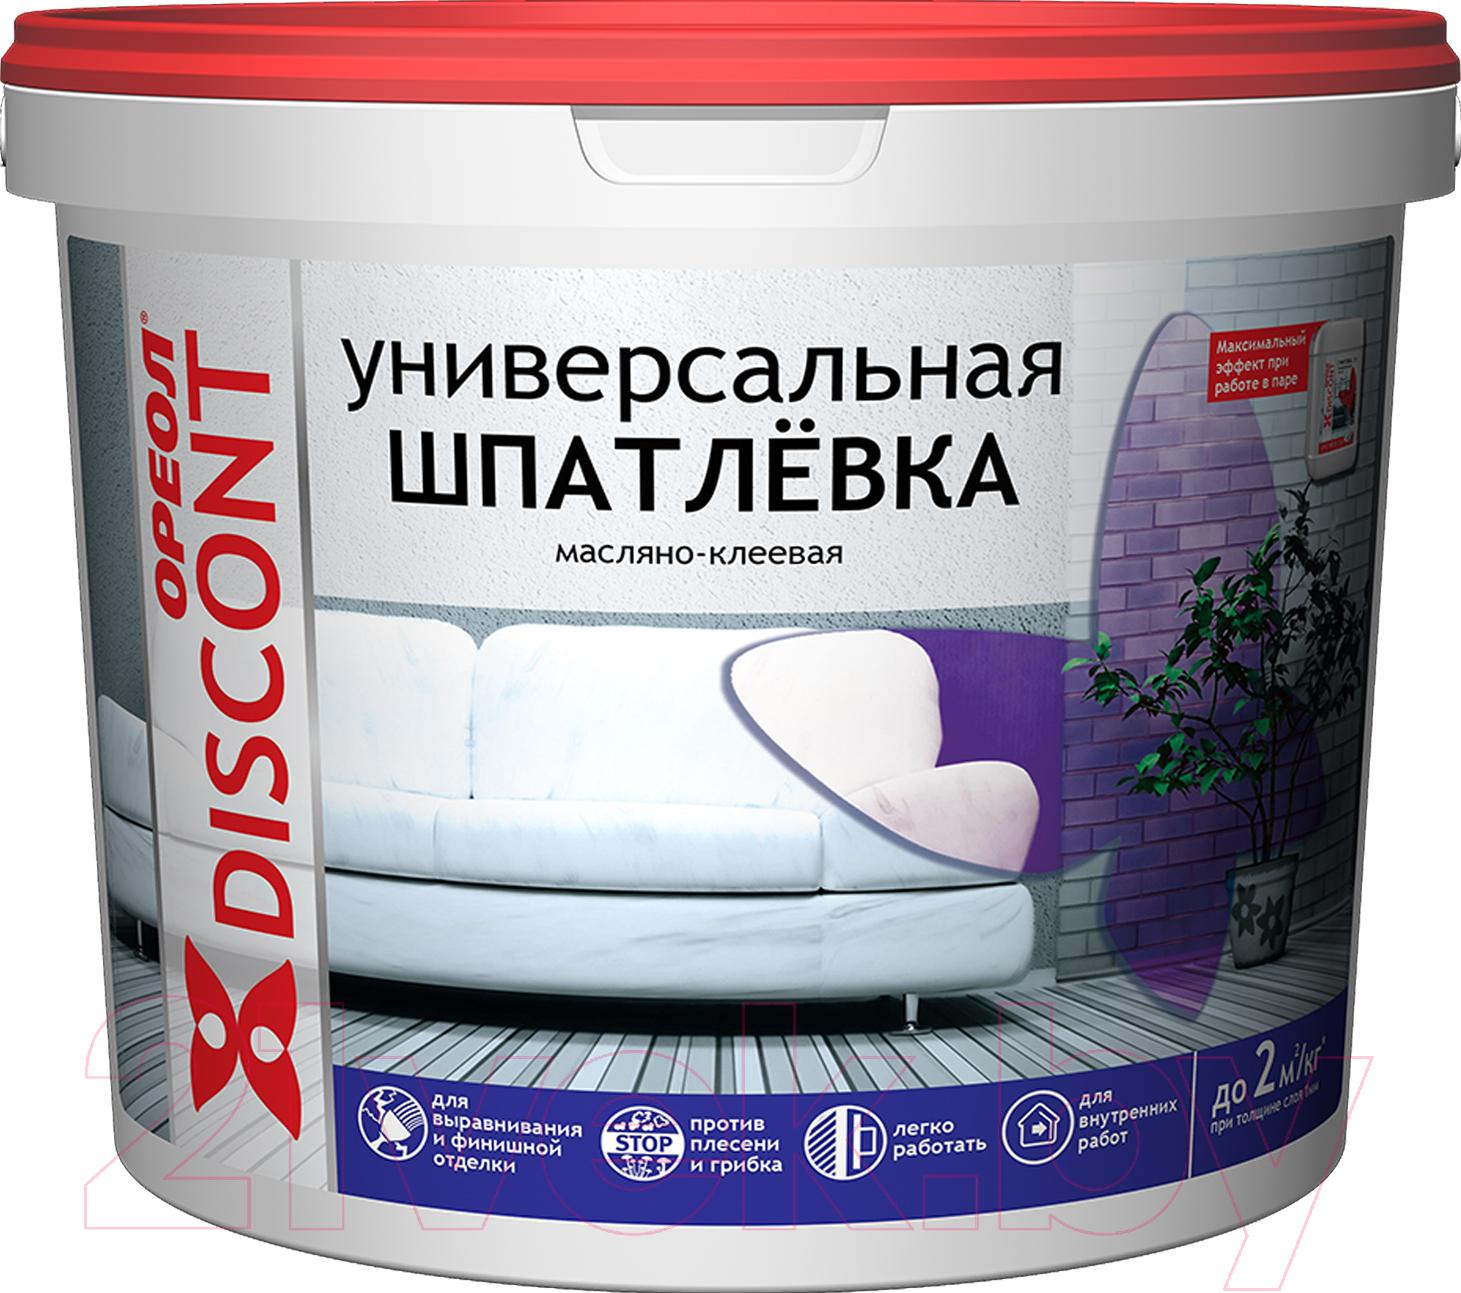 Купить Шпатлевка Ореол, Дисконт универсальная масляно-клеевая (1.5кг), Россия